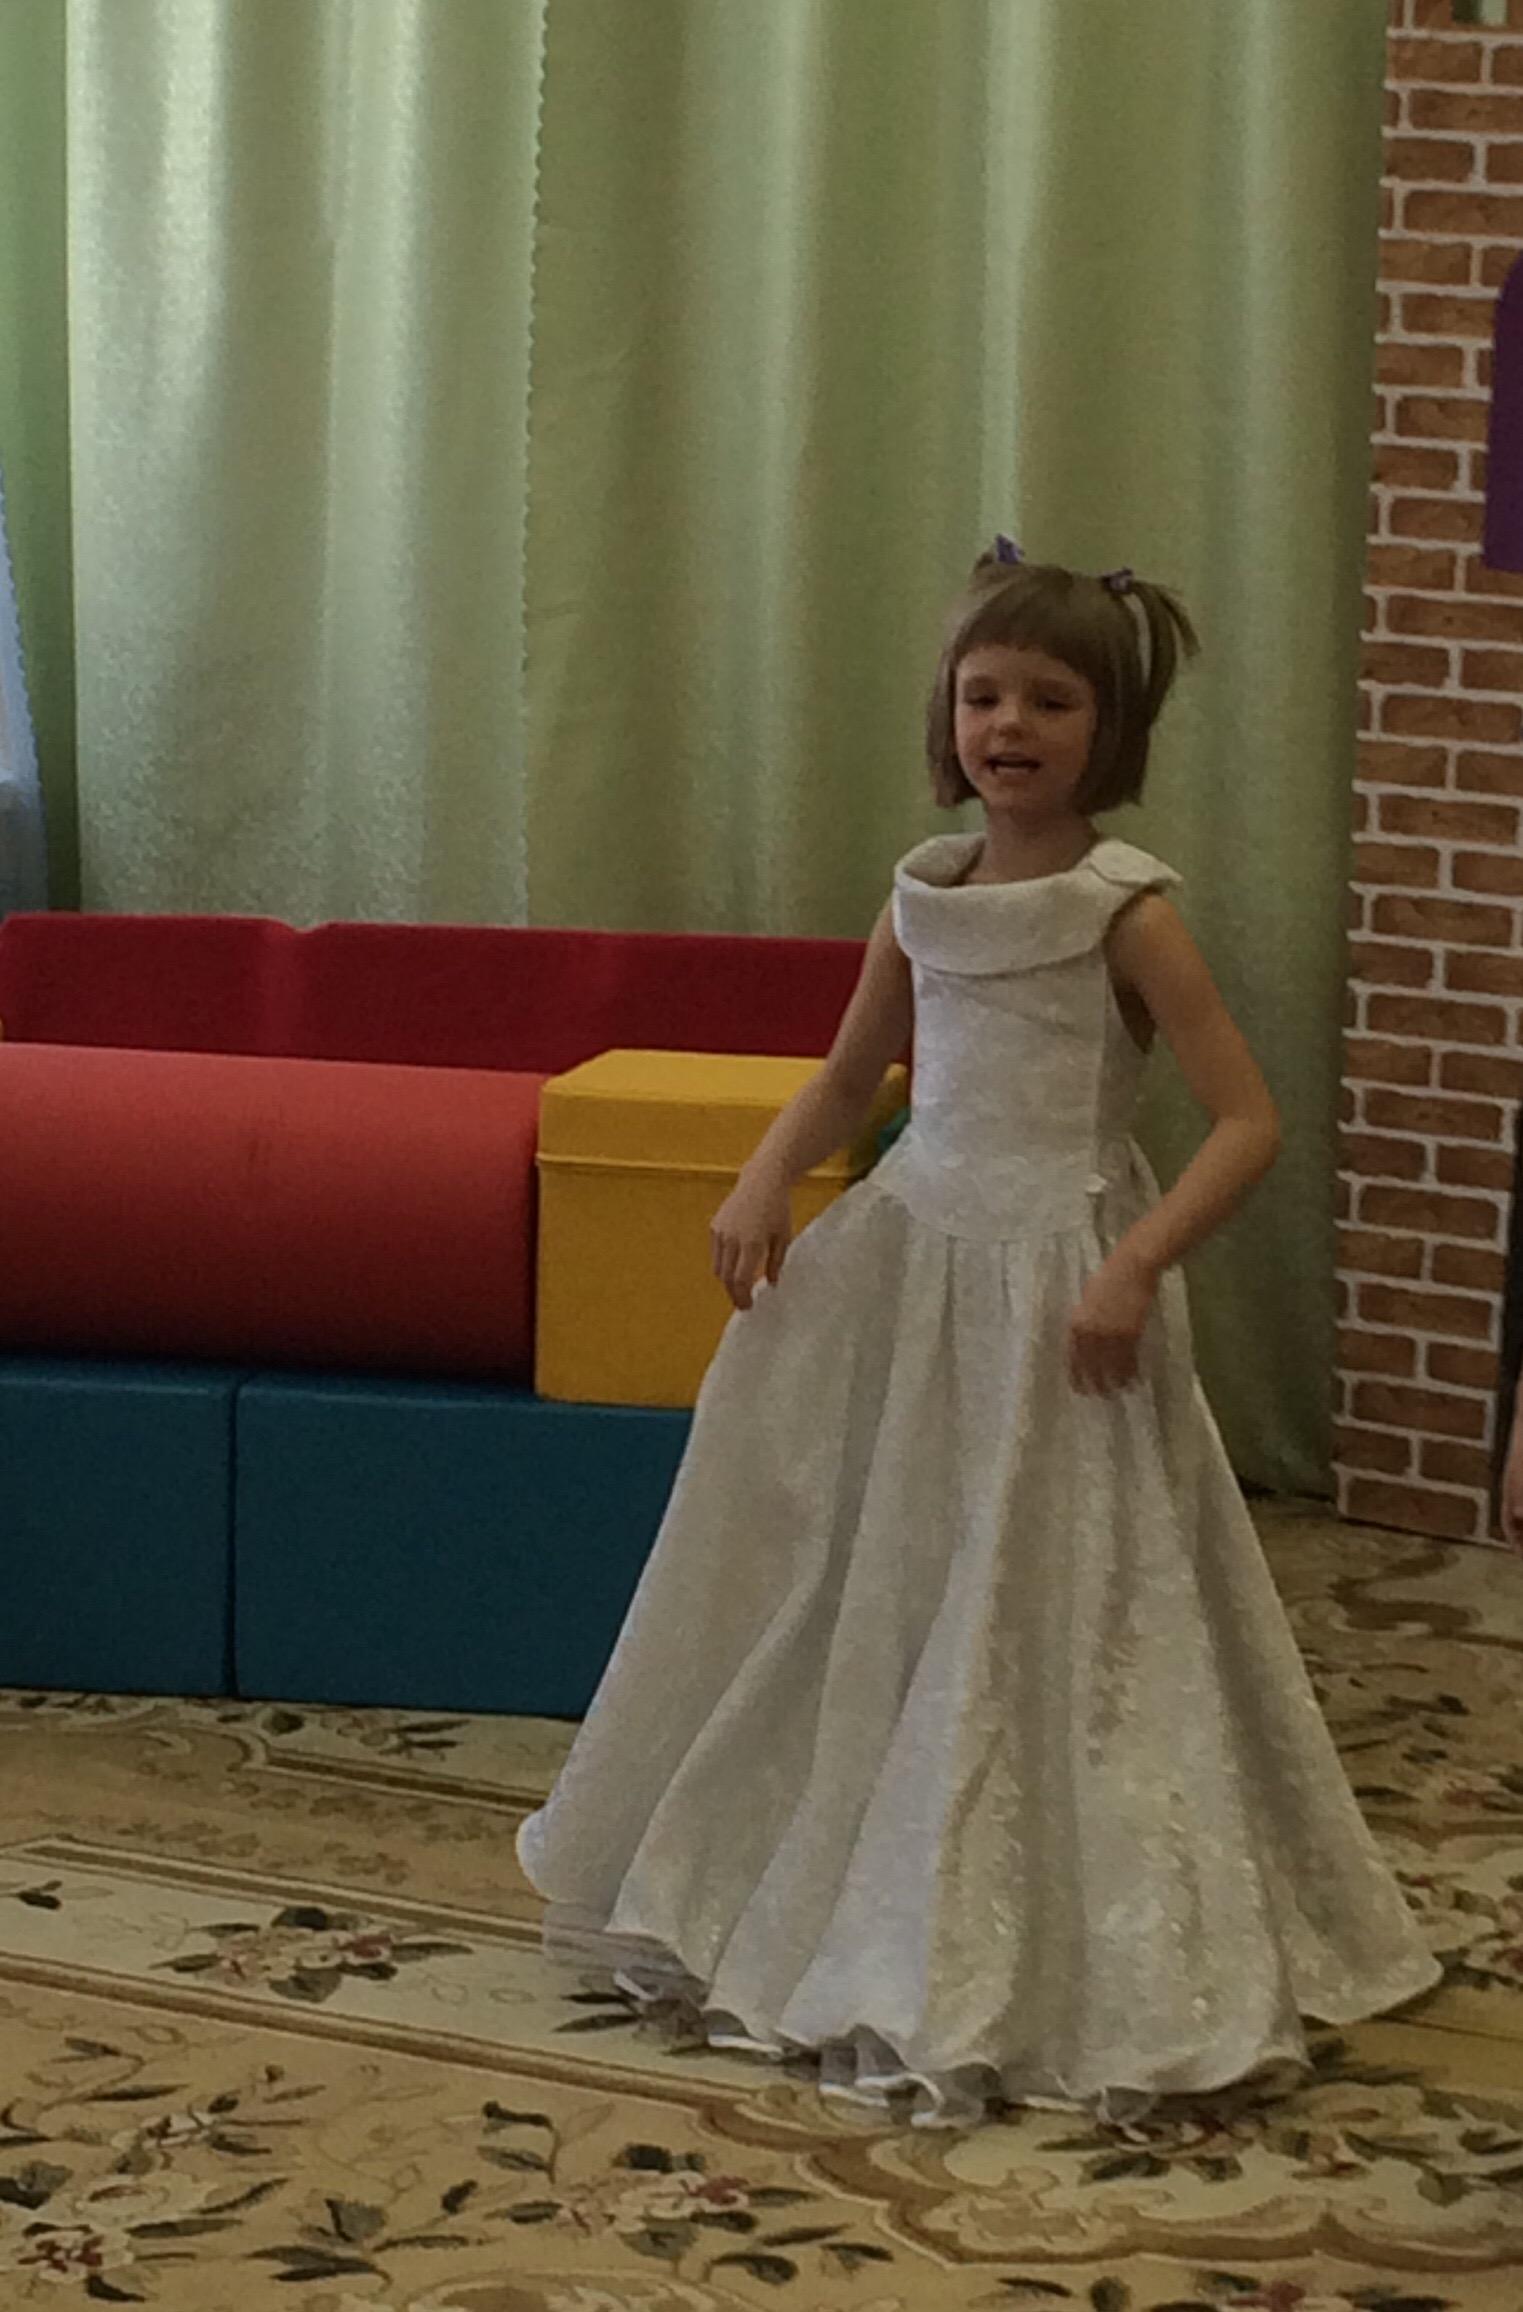 Вероника в роли принцессы на спектакле в садике. Принцесса собирается на бал